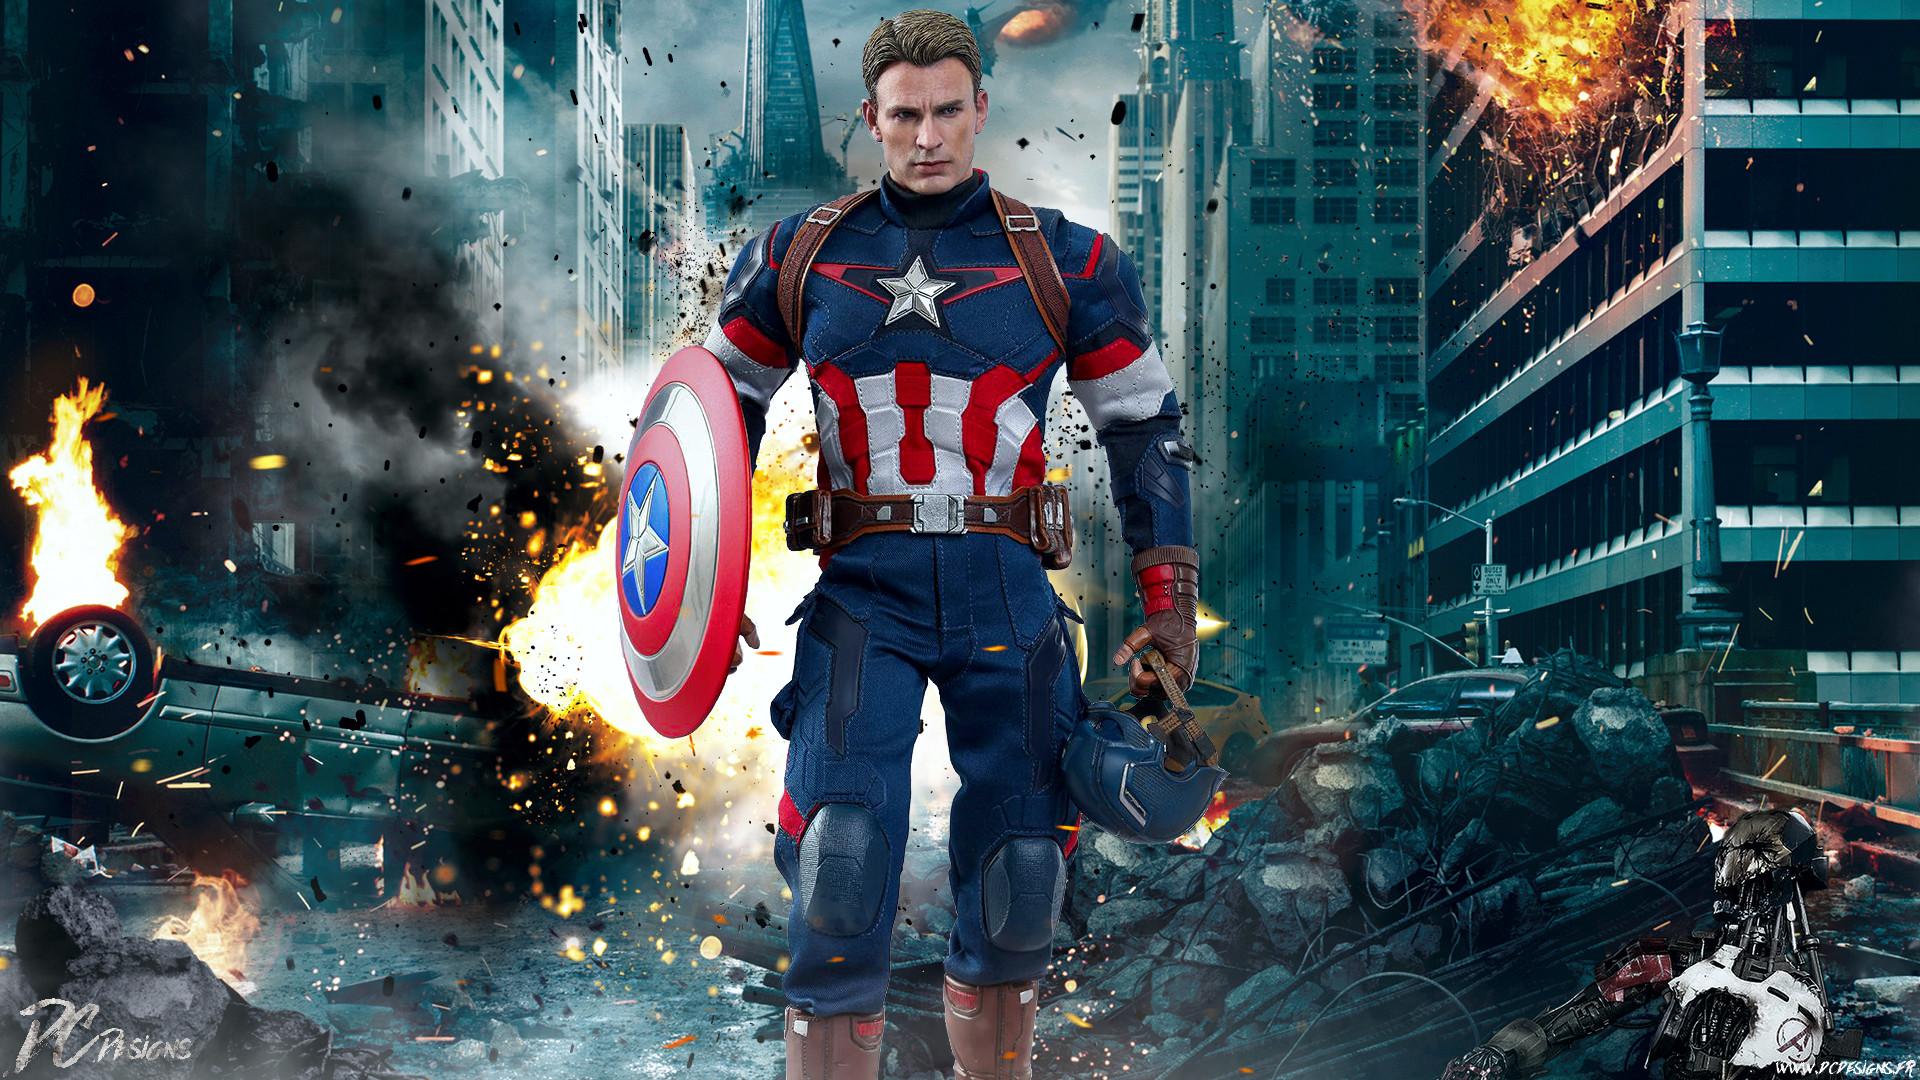 The Avenger Wallpaper Hd 76 Images